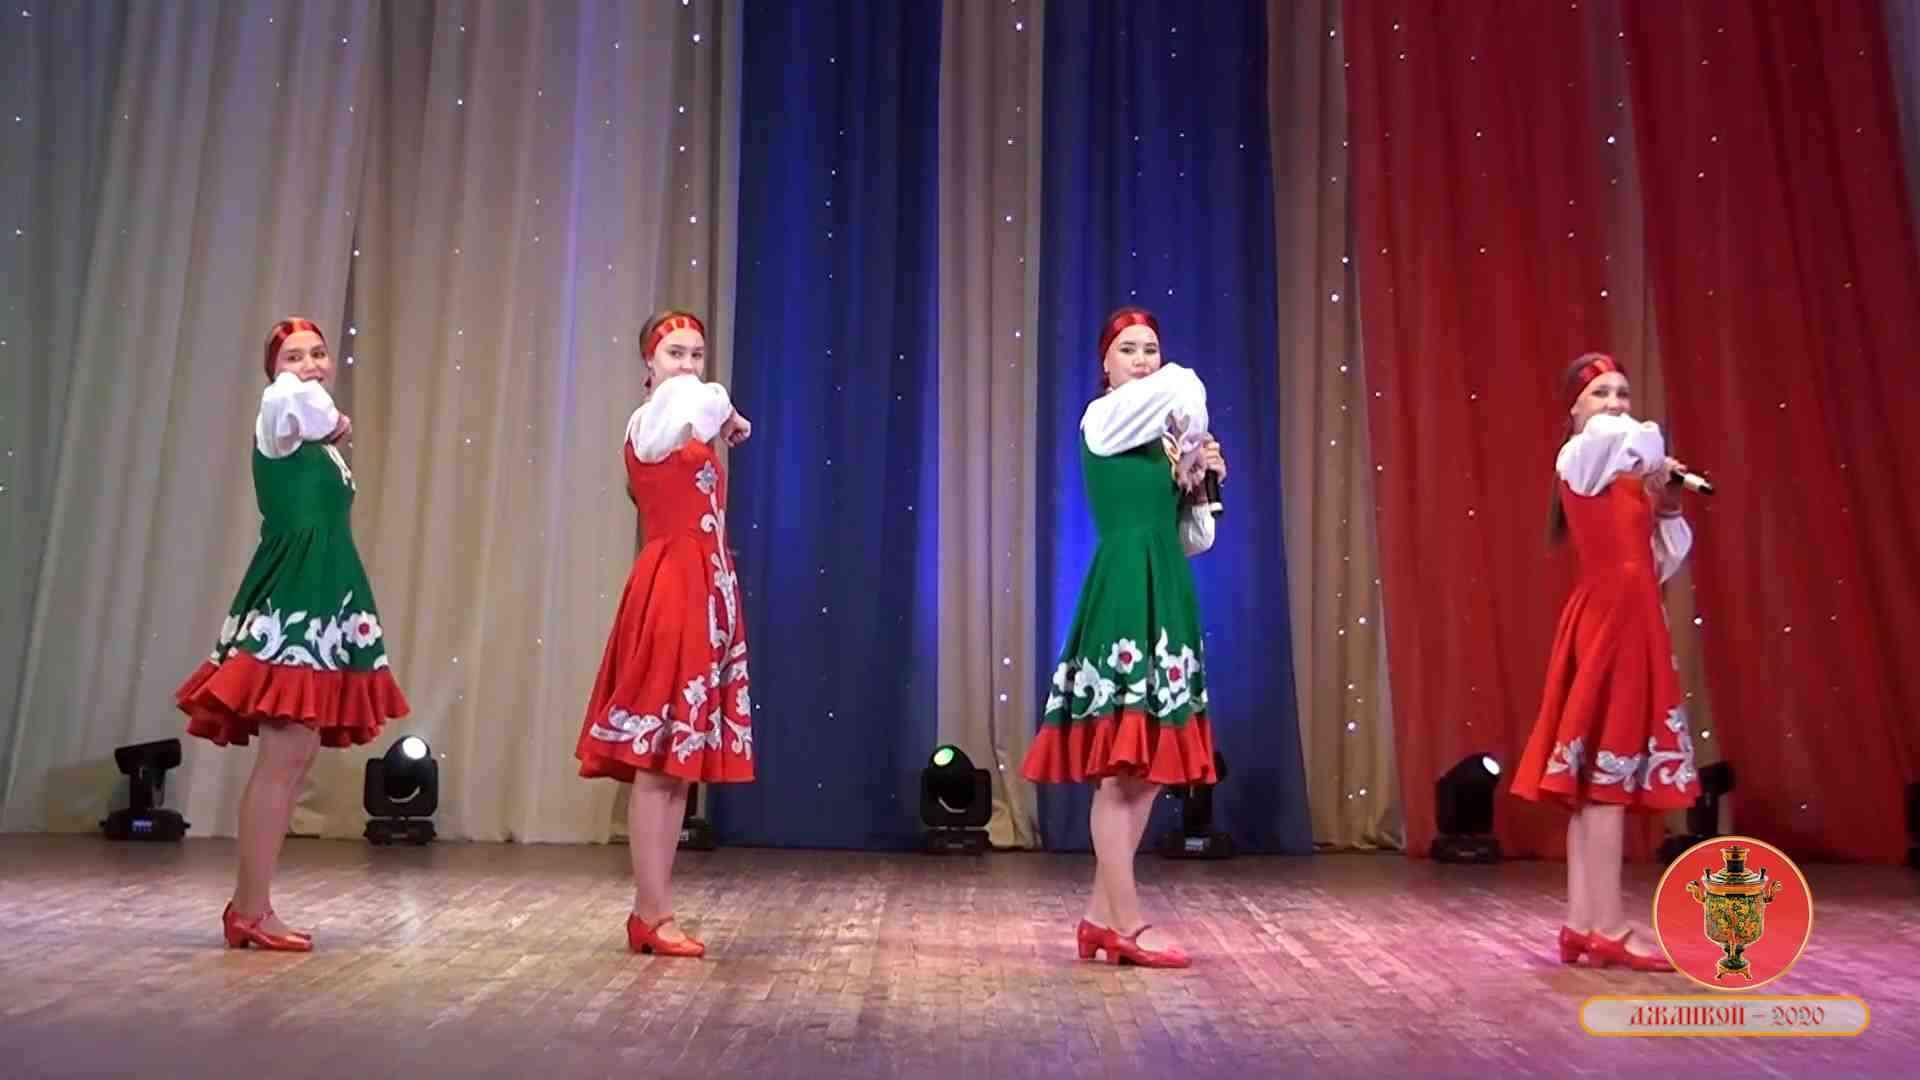 VI городской фестиваль-конкурс русской народной песни и танца «Джанкой-2020»